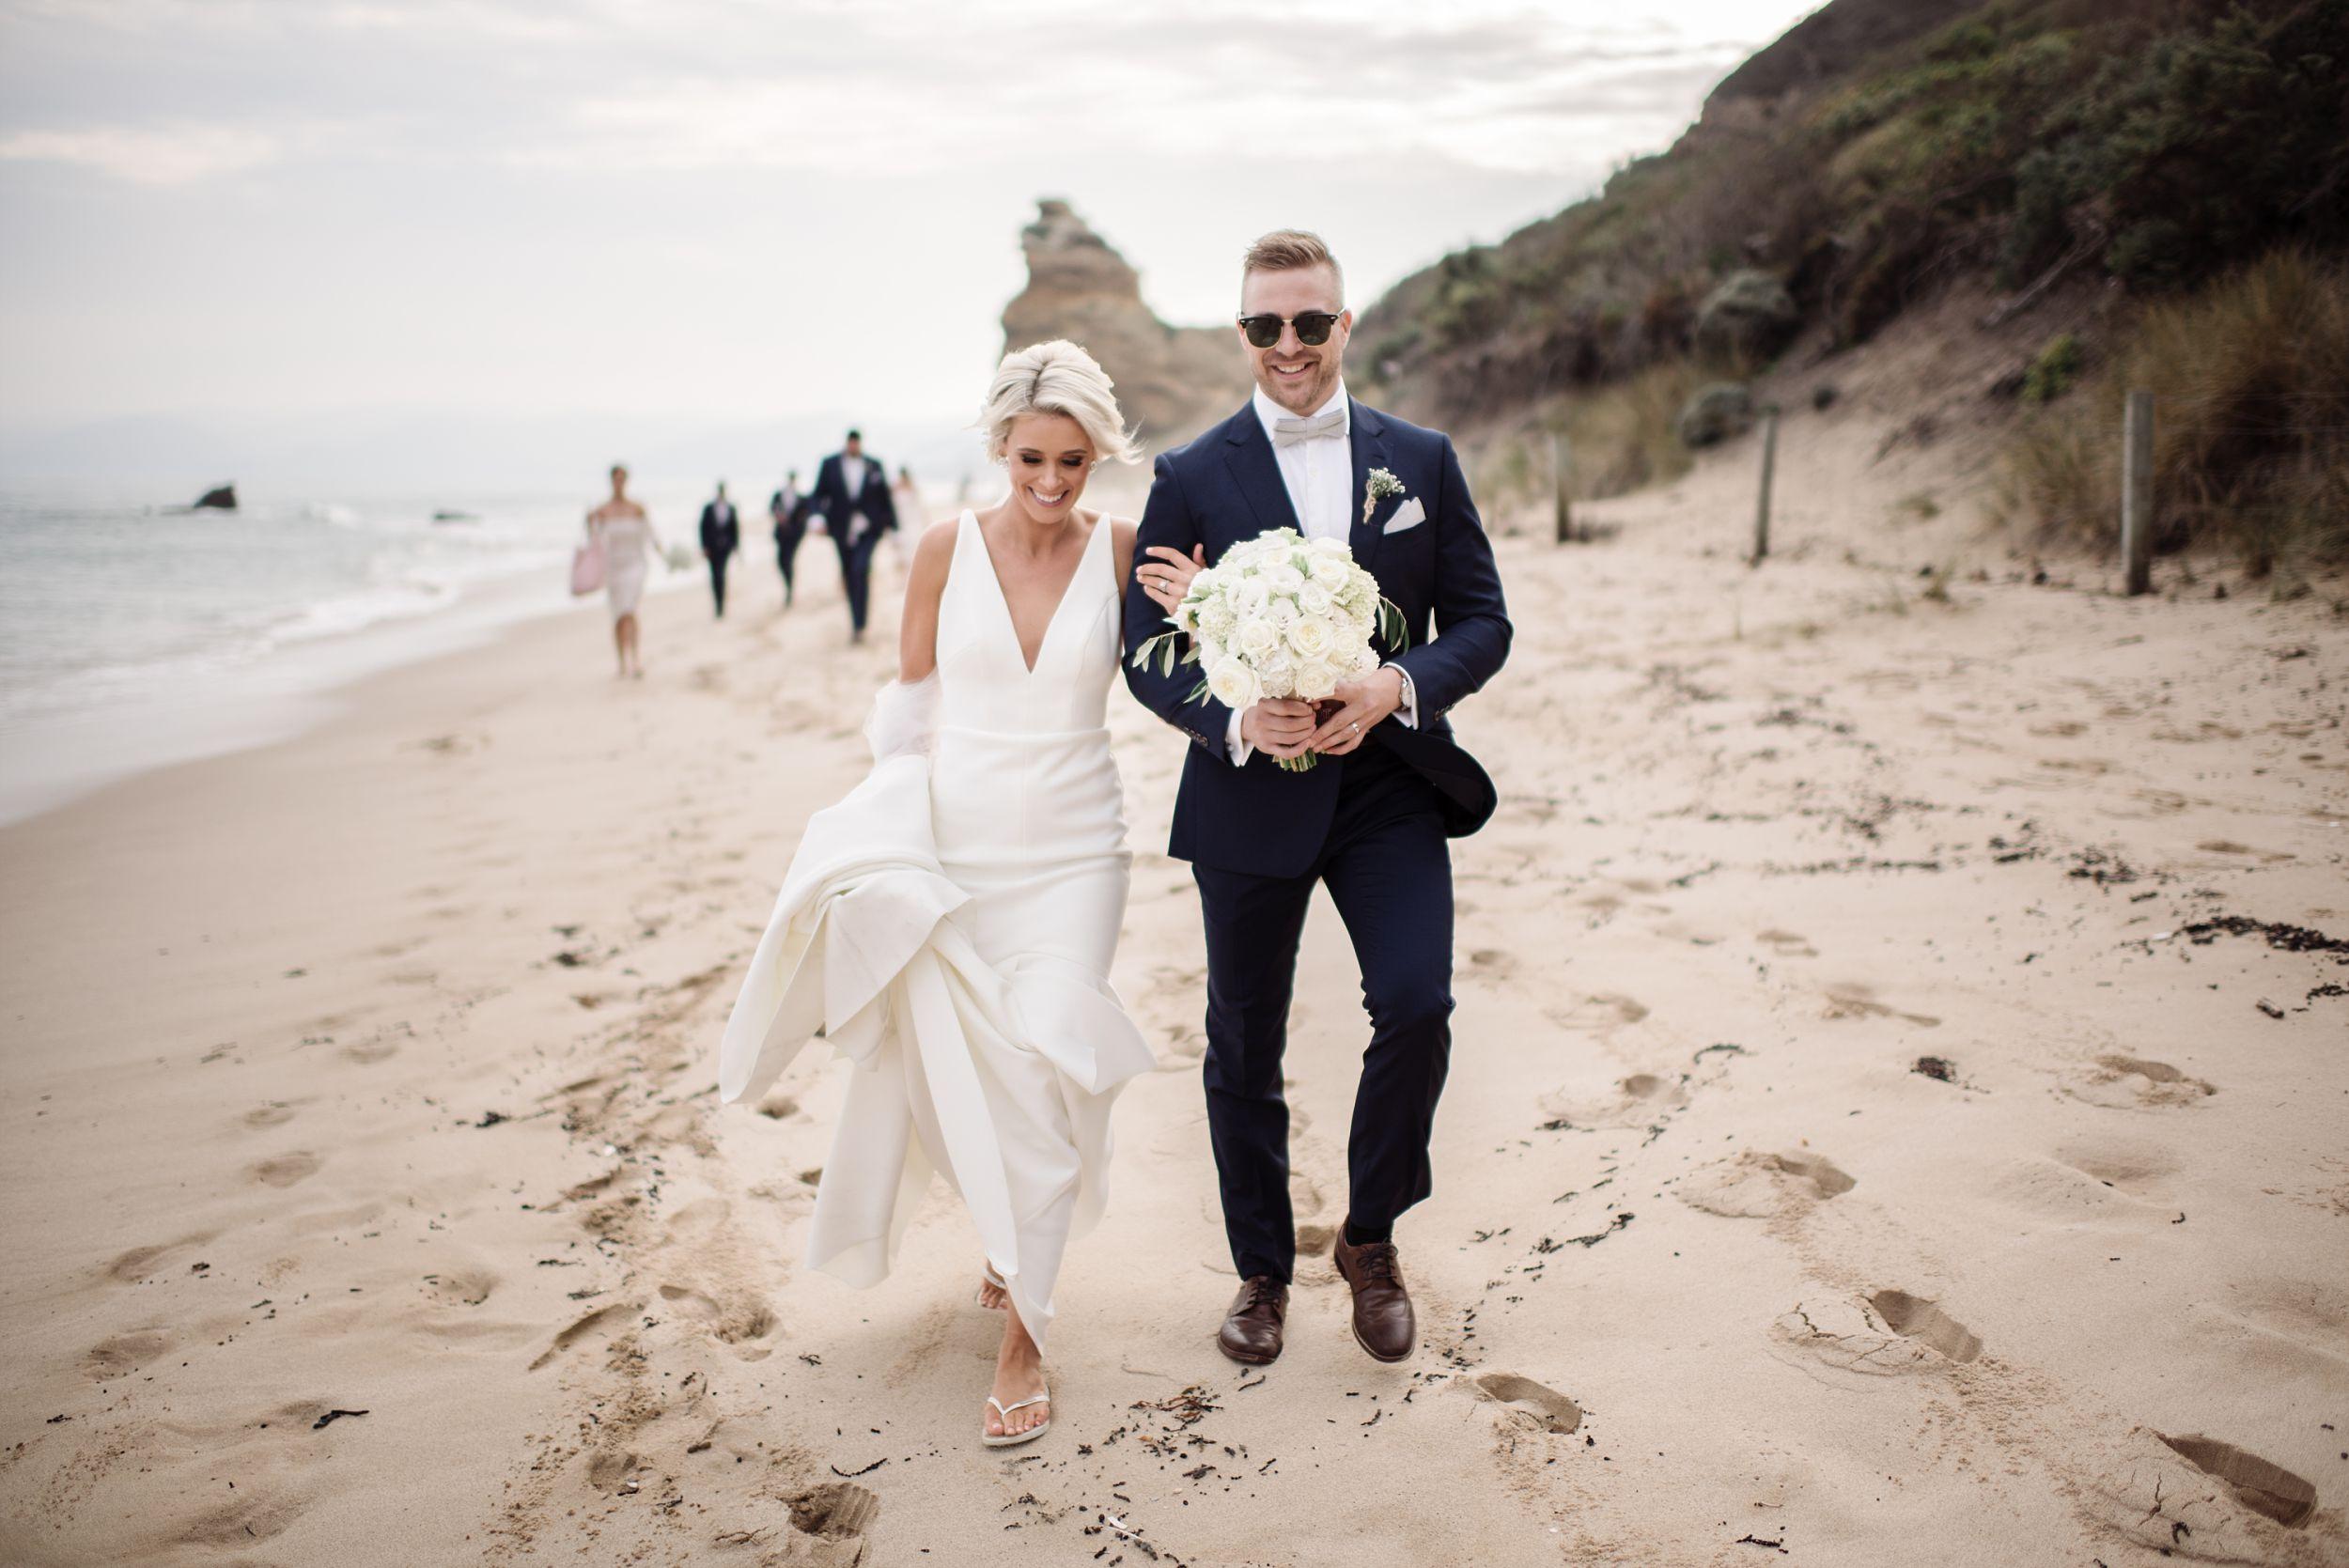 Fairhaven_wedding-Great-ocean-rd_0061.jpg